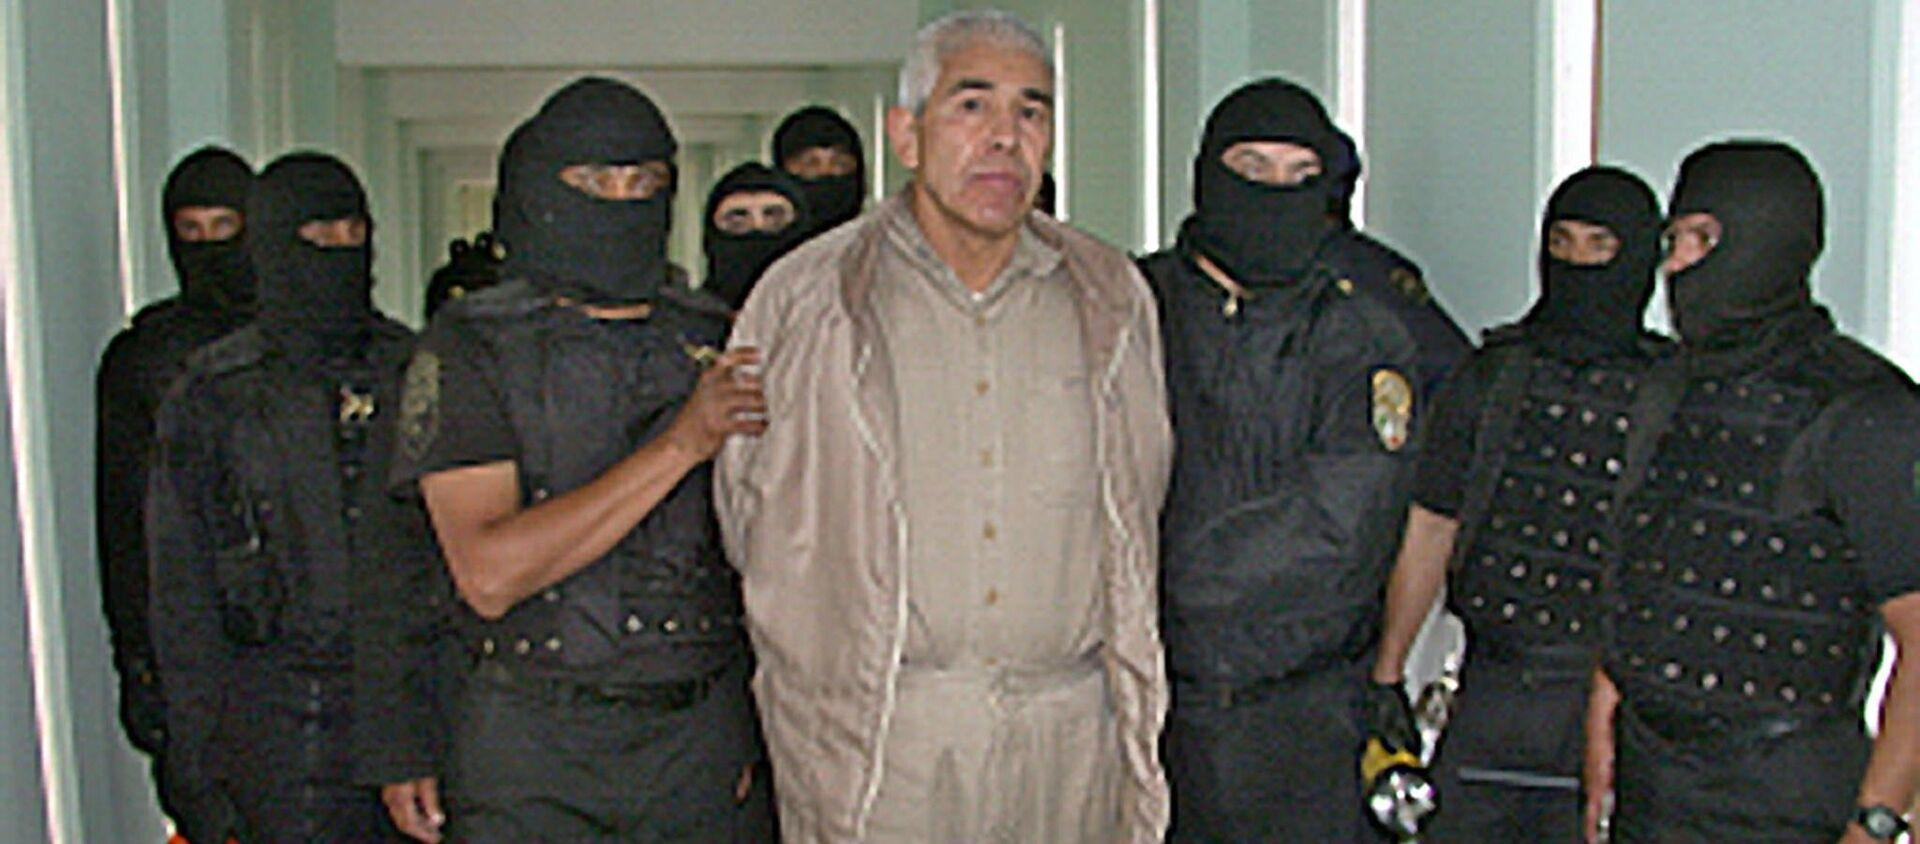 Miembros de la Policia Federal Preventiva (PFP) custodian al narcotraficante Rafael Caro Quintero - Sputnik Mundo, 1920, 04.12.2020